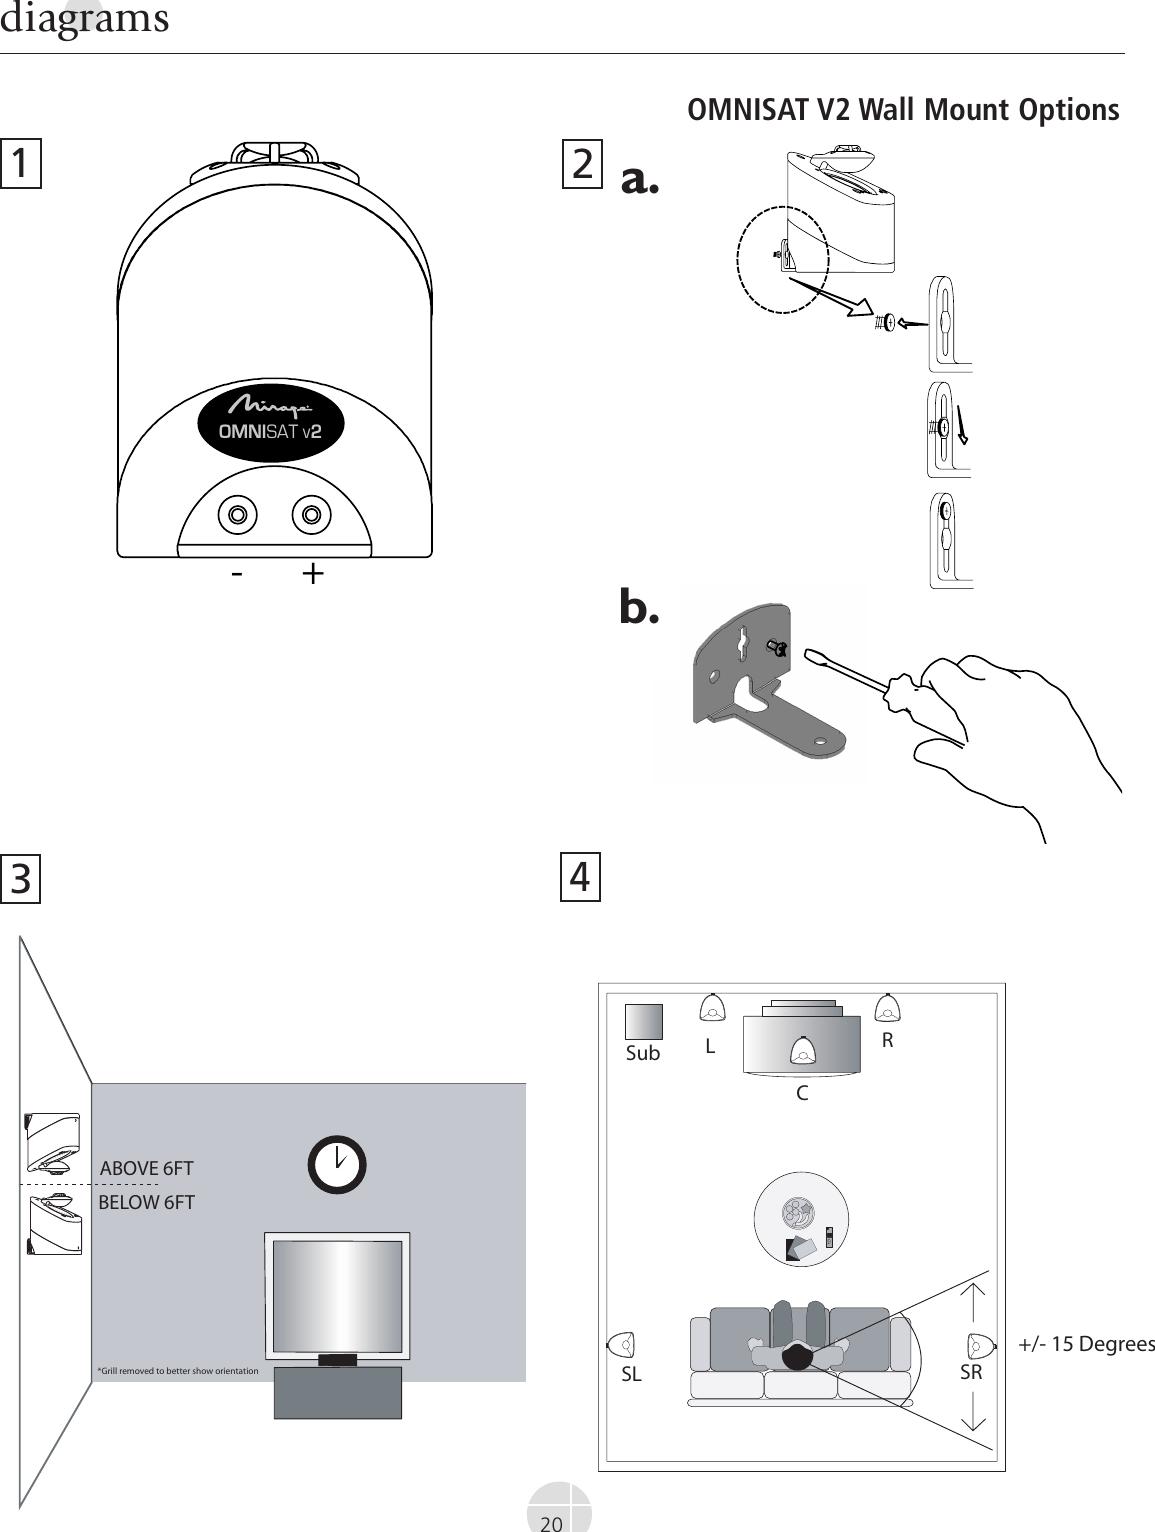 Mirage Loudspeakers Omnisat V2 Users Manual Print Omni Series 9 Lang Singles